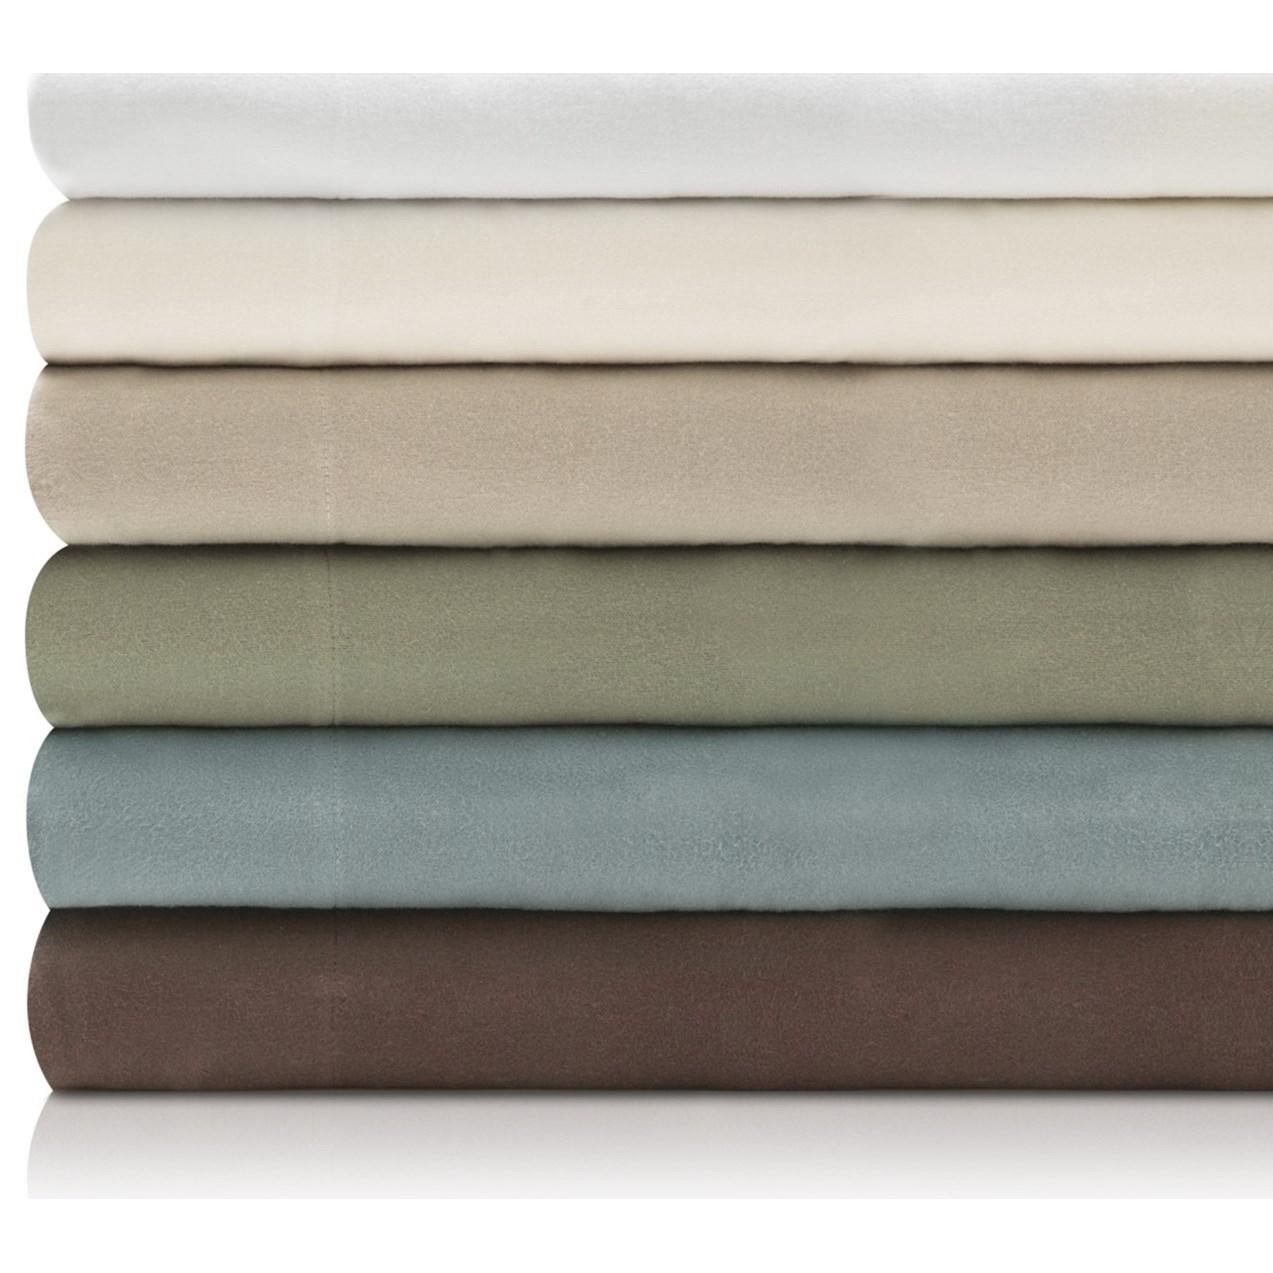 Malouf Portuguese Flannel Standard Woven™ Portuguese Flannel Standard  - Item Number: WO19STOAFC